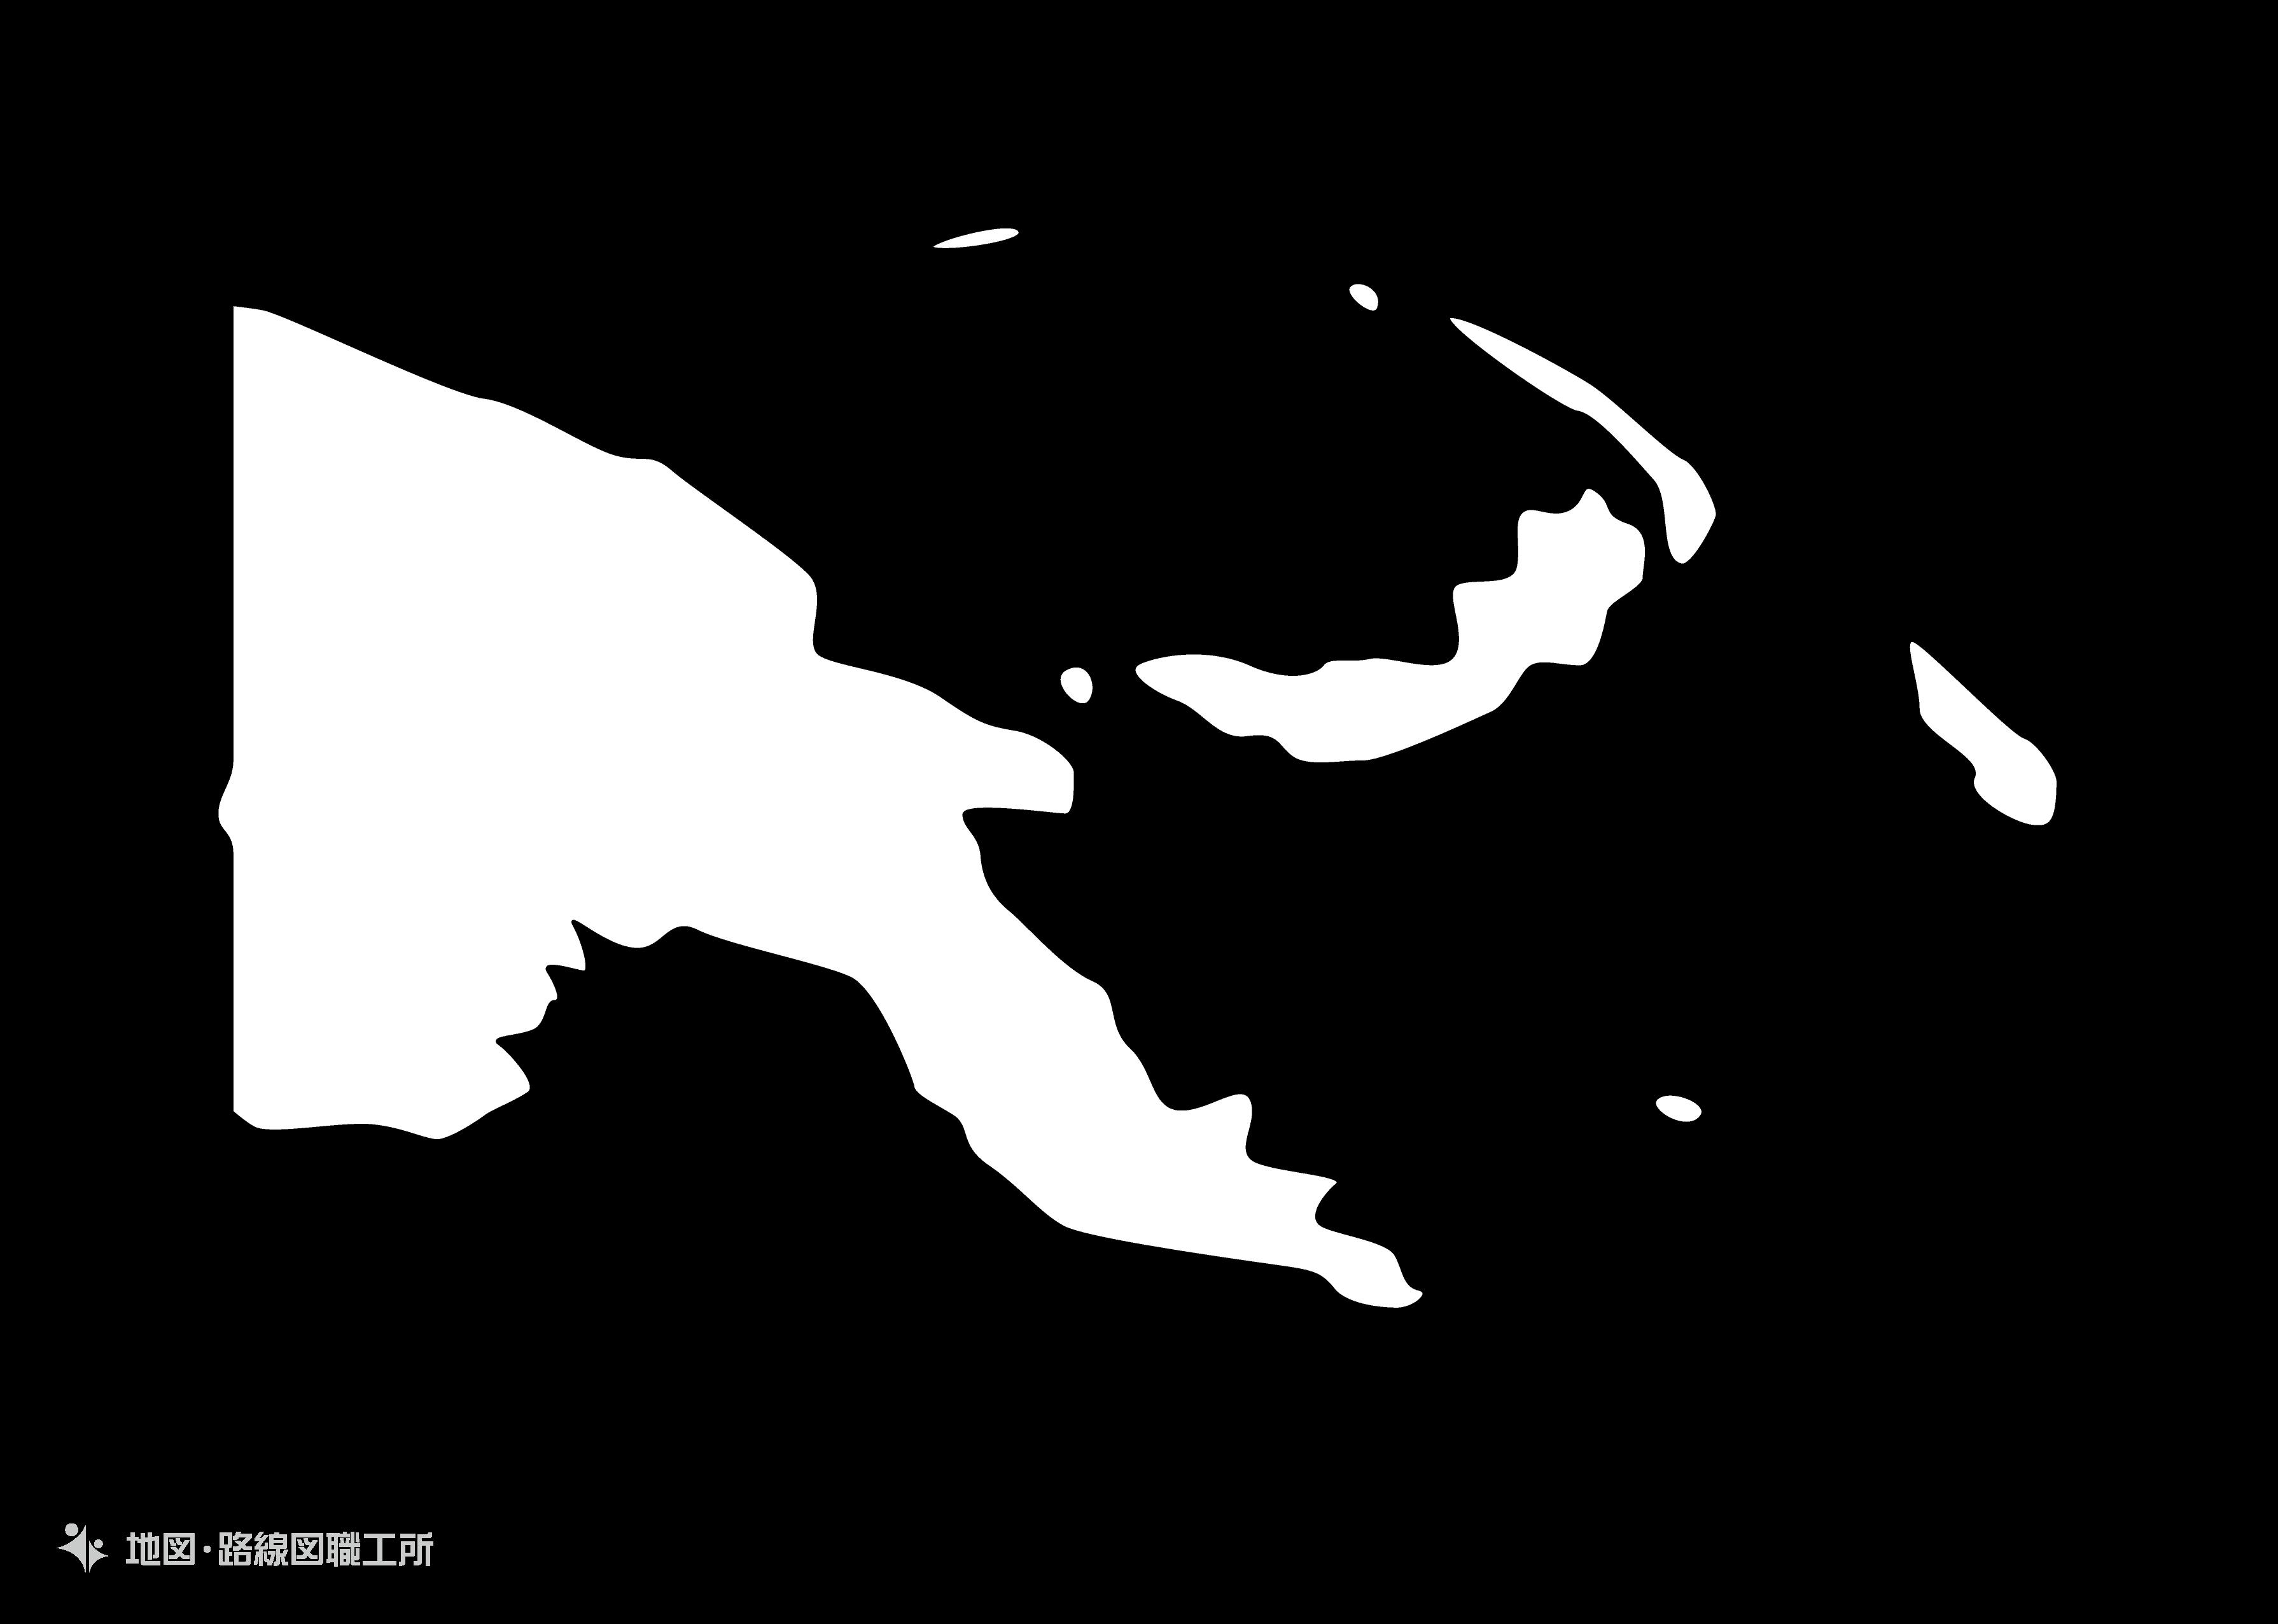 世界の白地図 パプアニューギニア独立国 independent-state-of-papua-new-guinea map